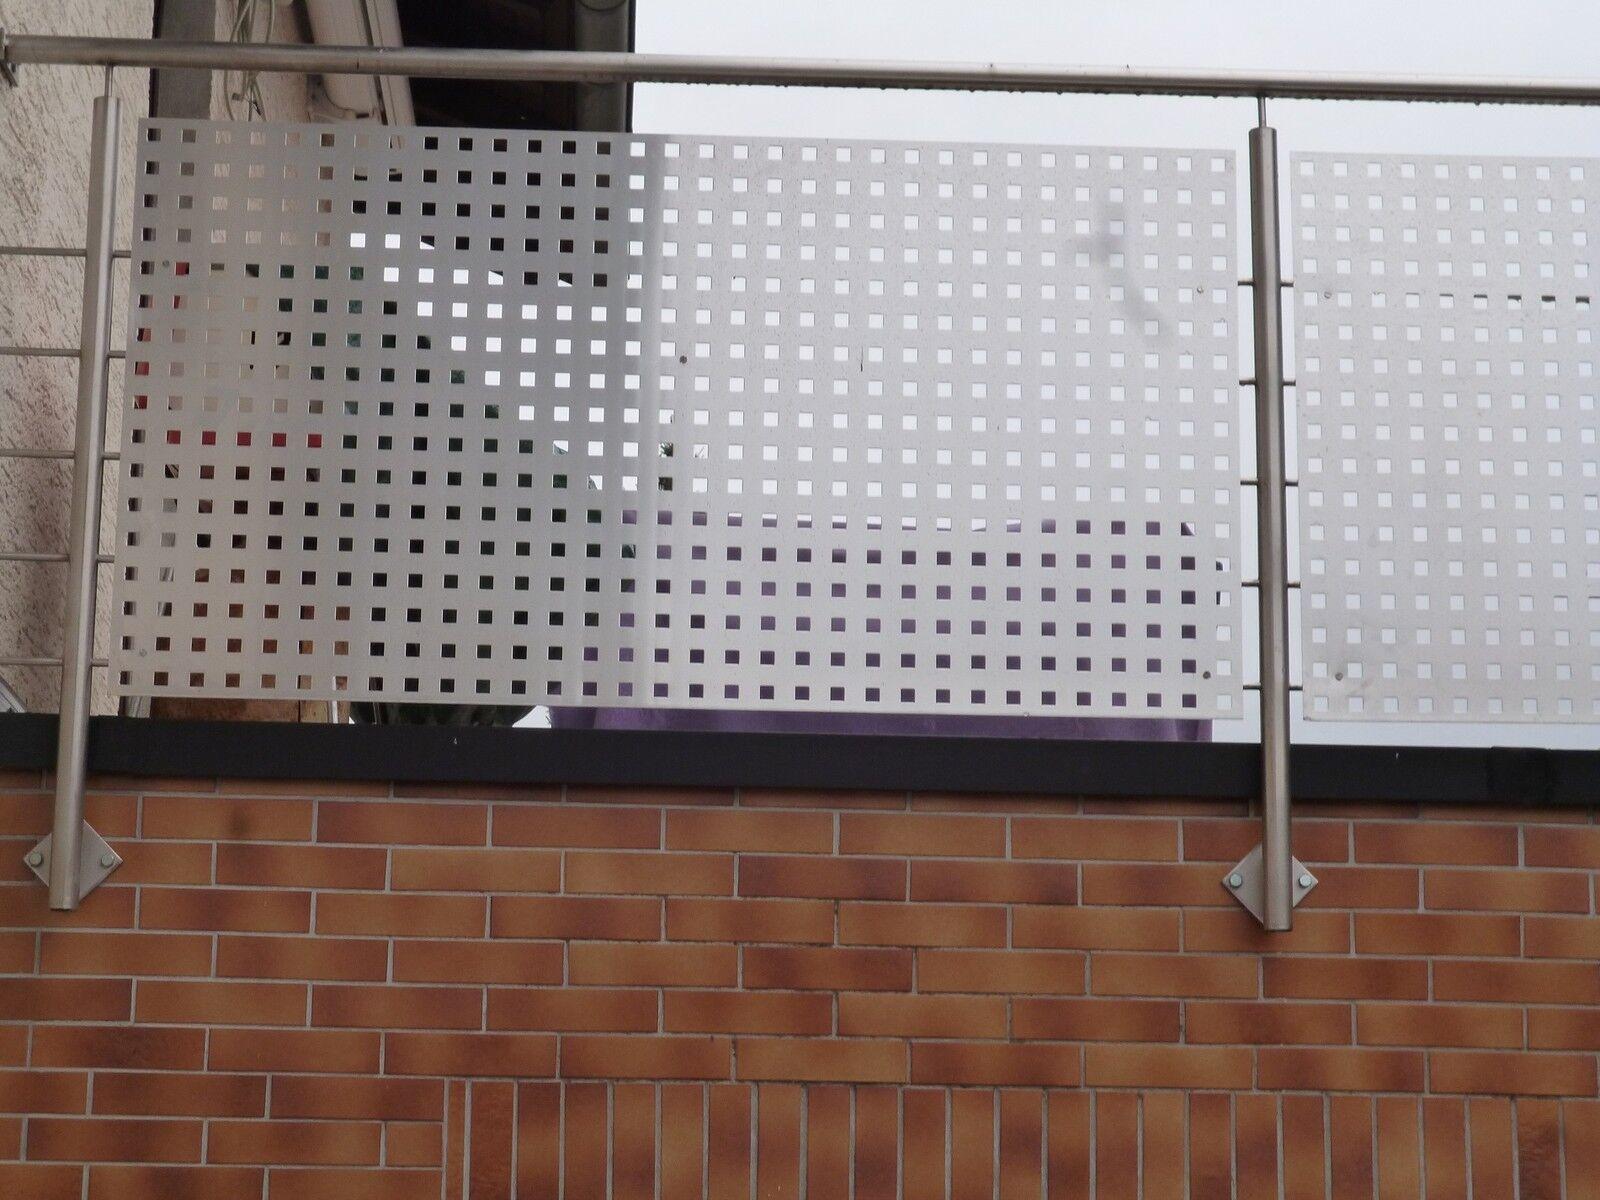 Balkonverkleidung Aluminium Lochblech Balkon Sichtschutz